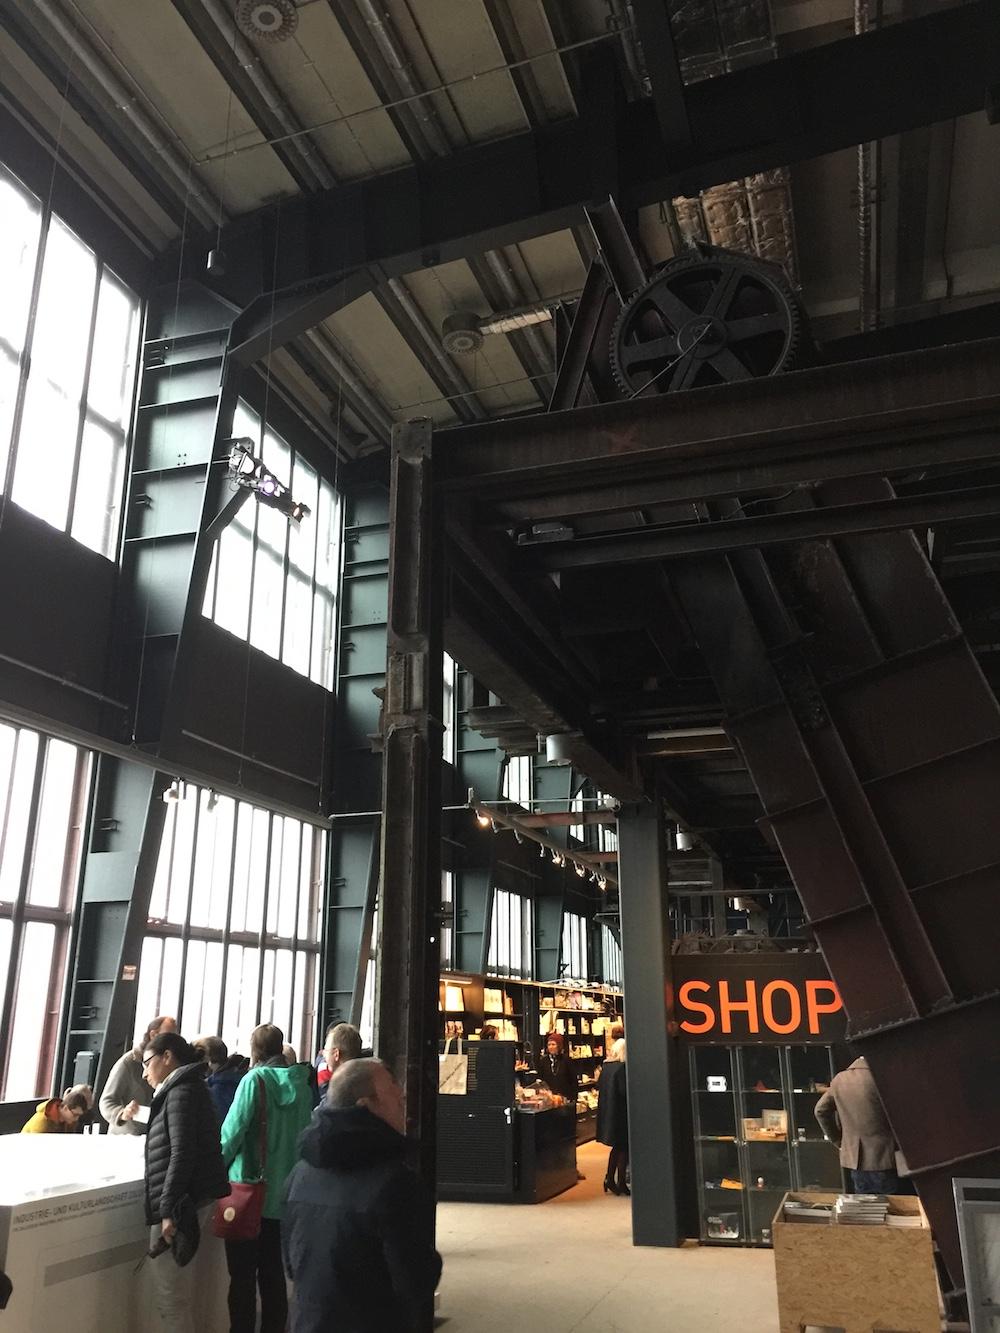 Klassische Industriearchitektur des Ruhrgebiets